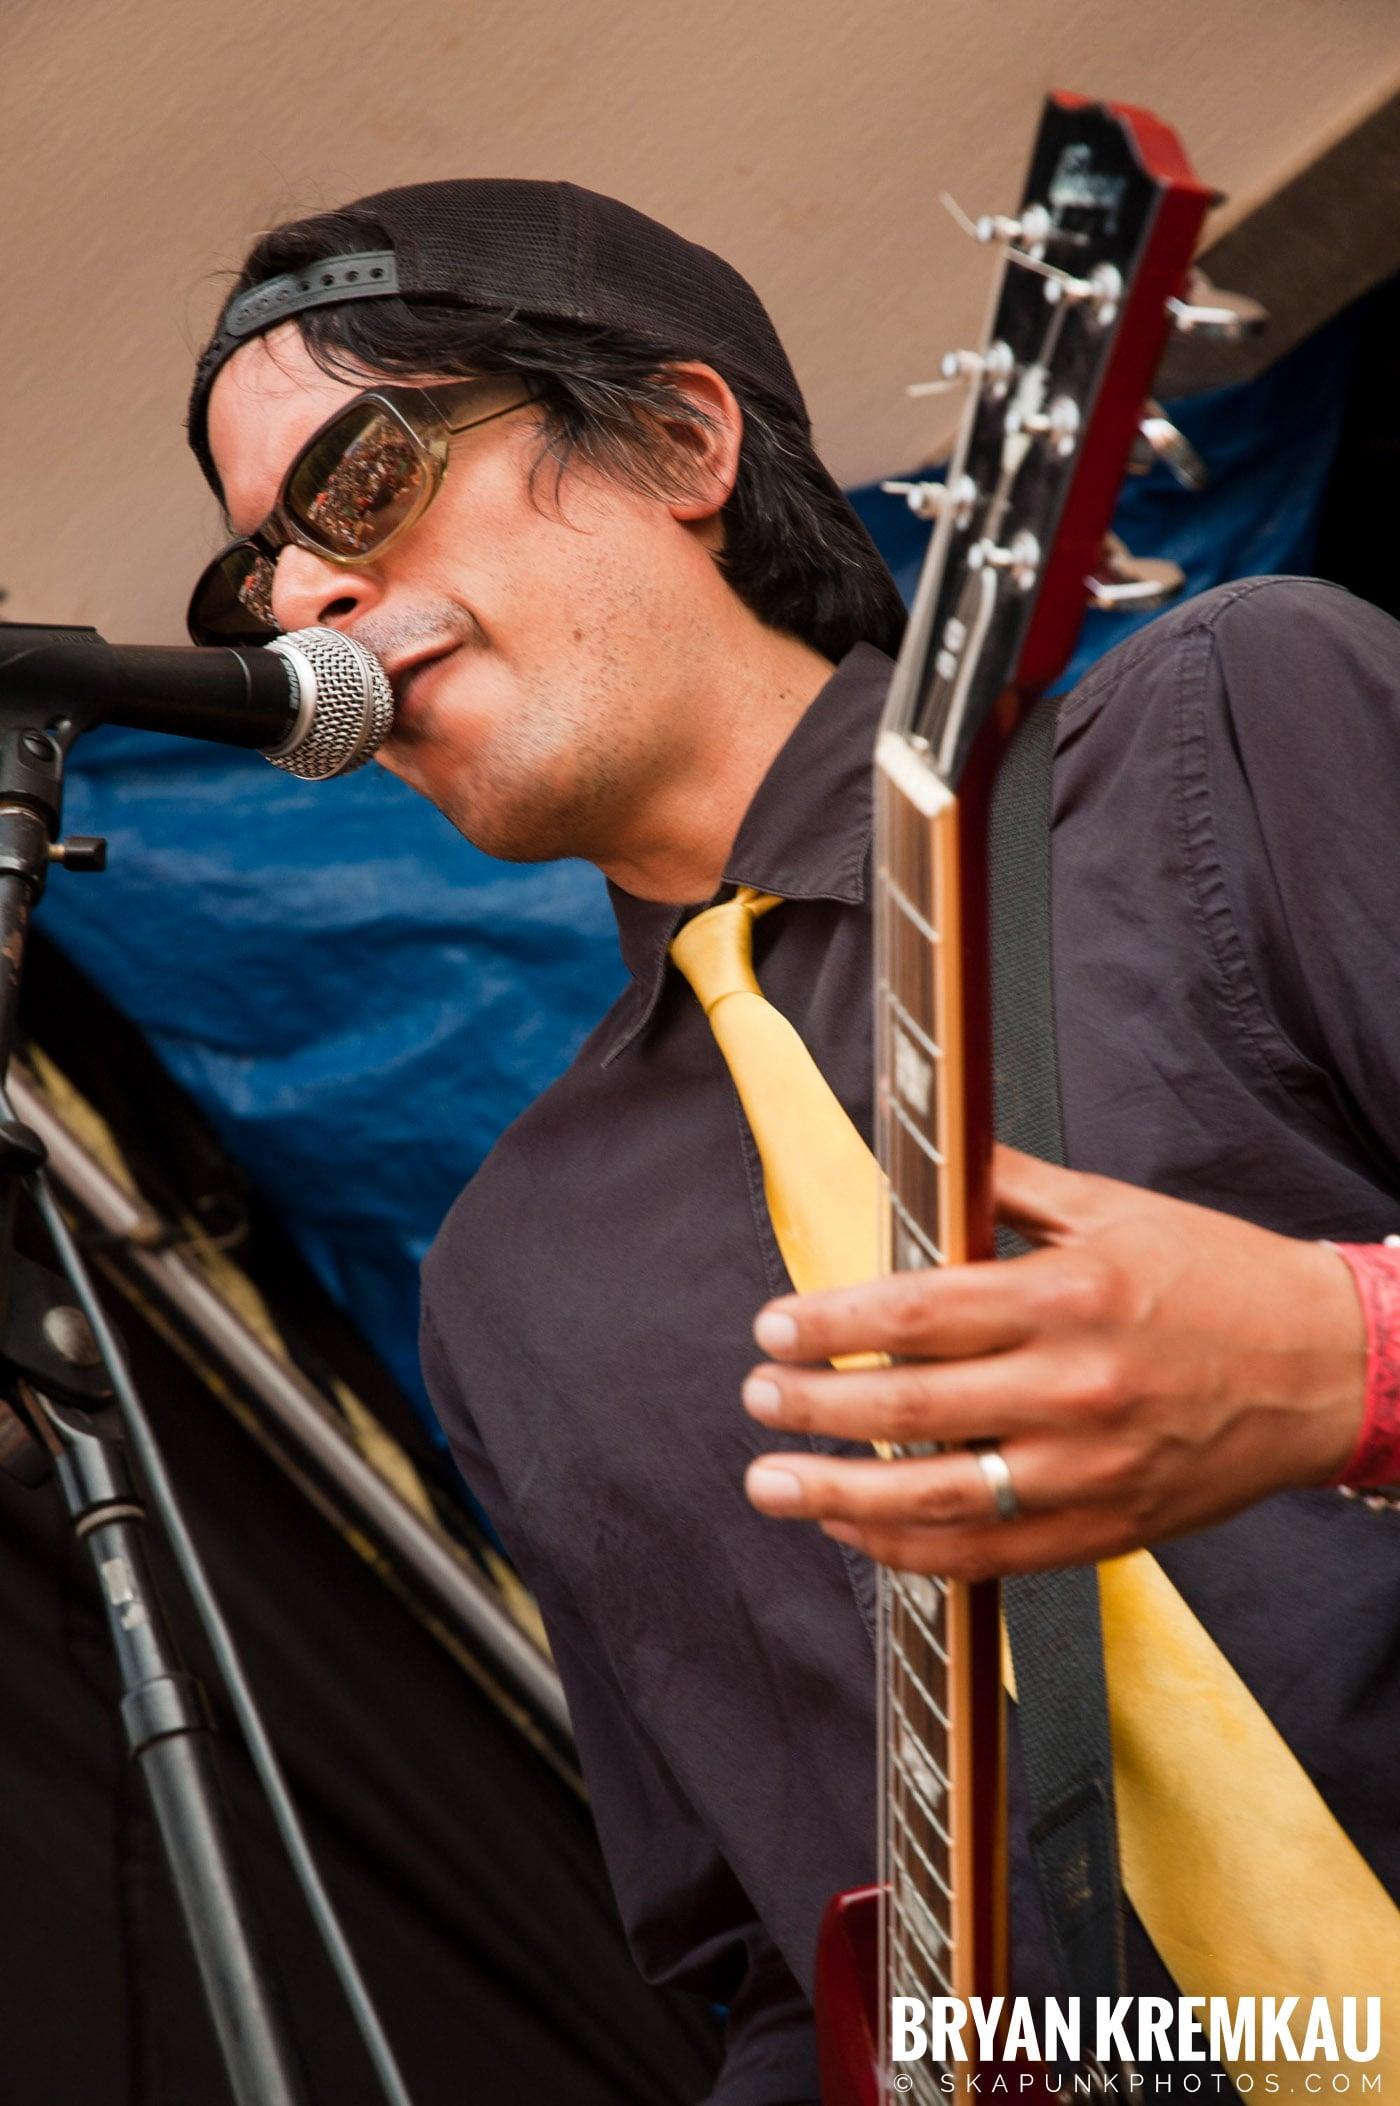 Mustard Plug @ Warped Tour 2007, Scranton PA - 7.26.07 (10)